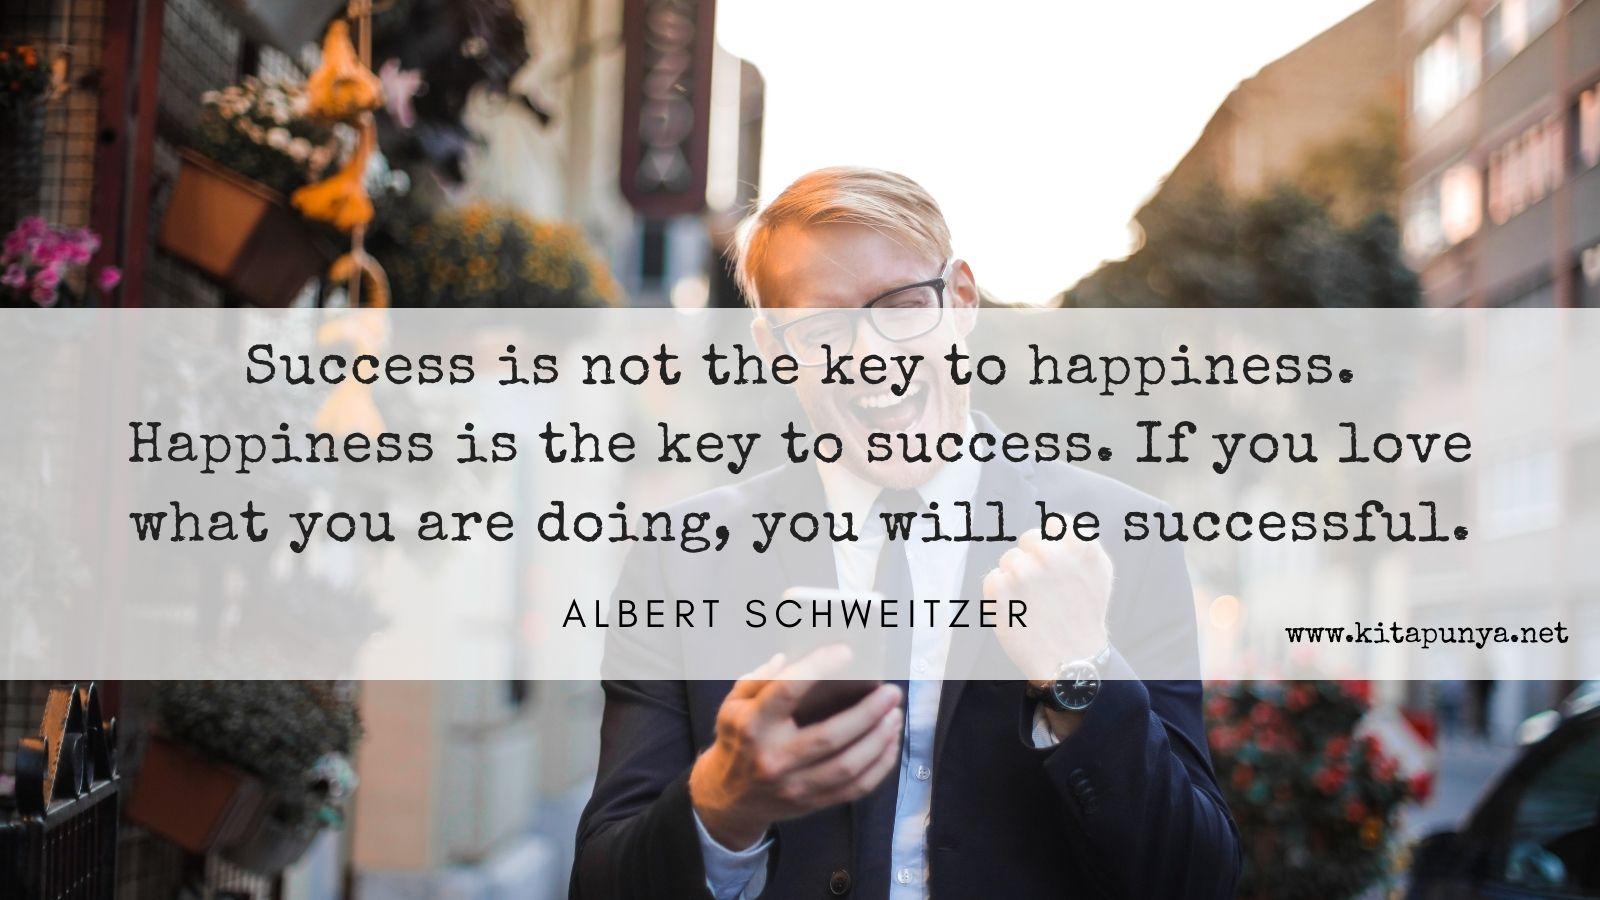 kebahagian adalah kunci kesuksesan